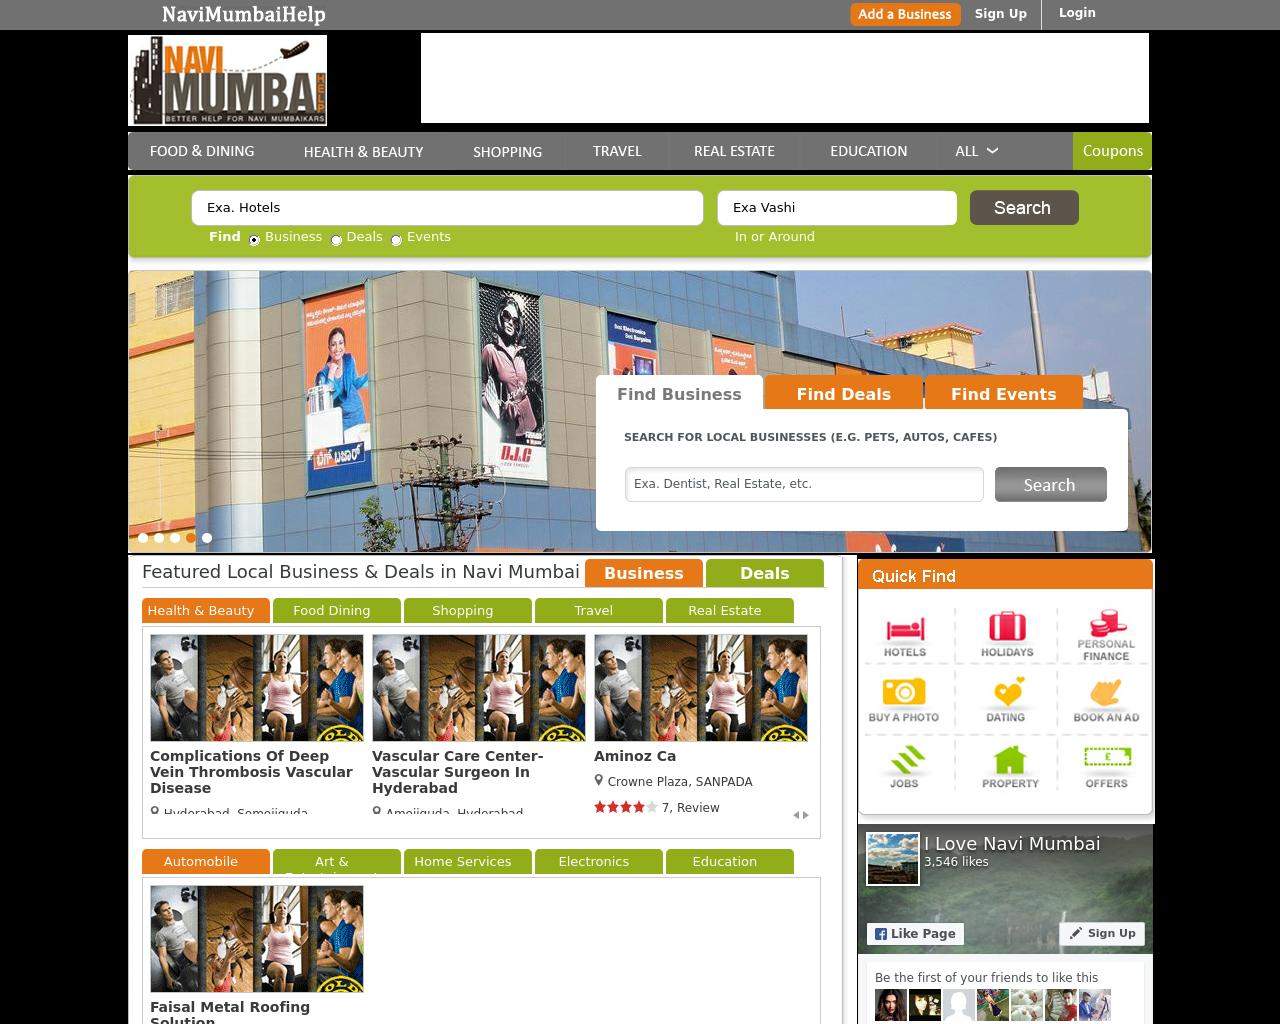 Navi-Mumbai-Help-Advertising-Reviews-Pricing